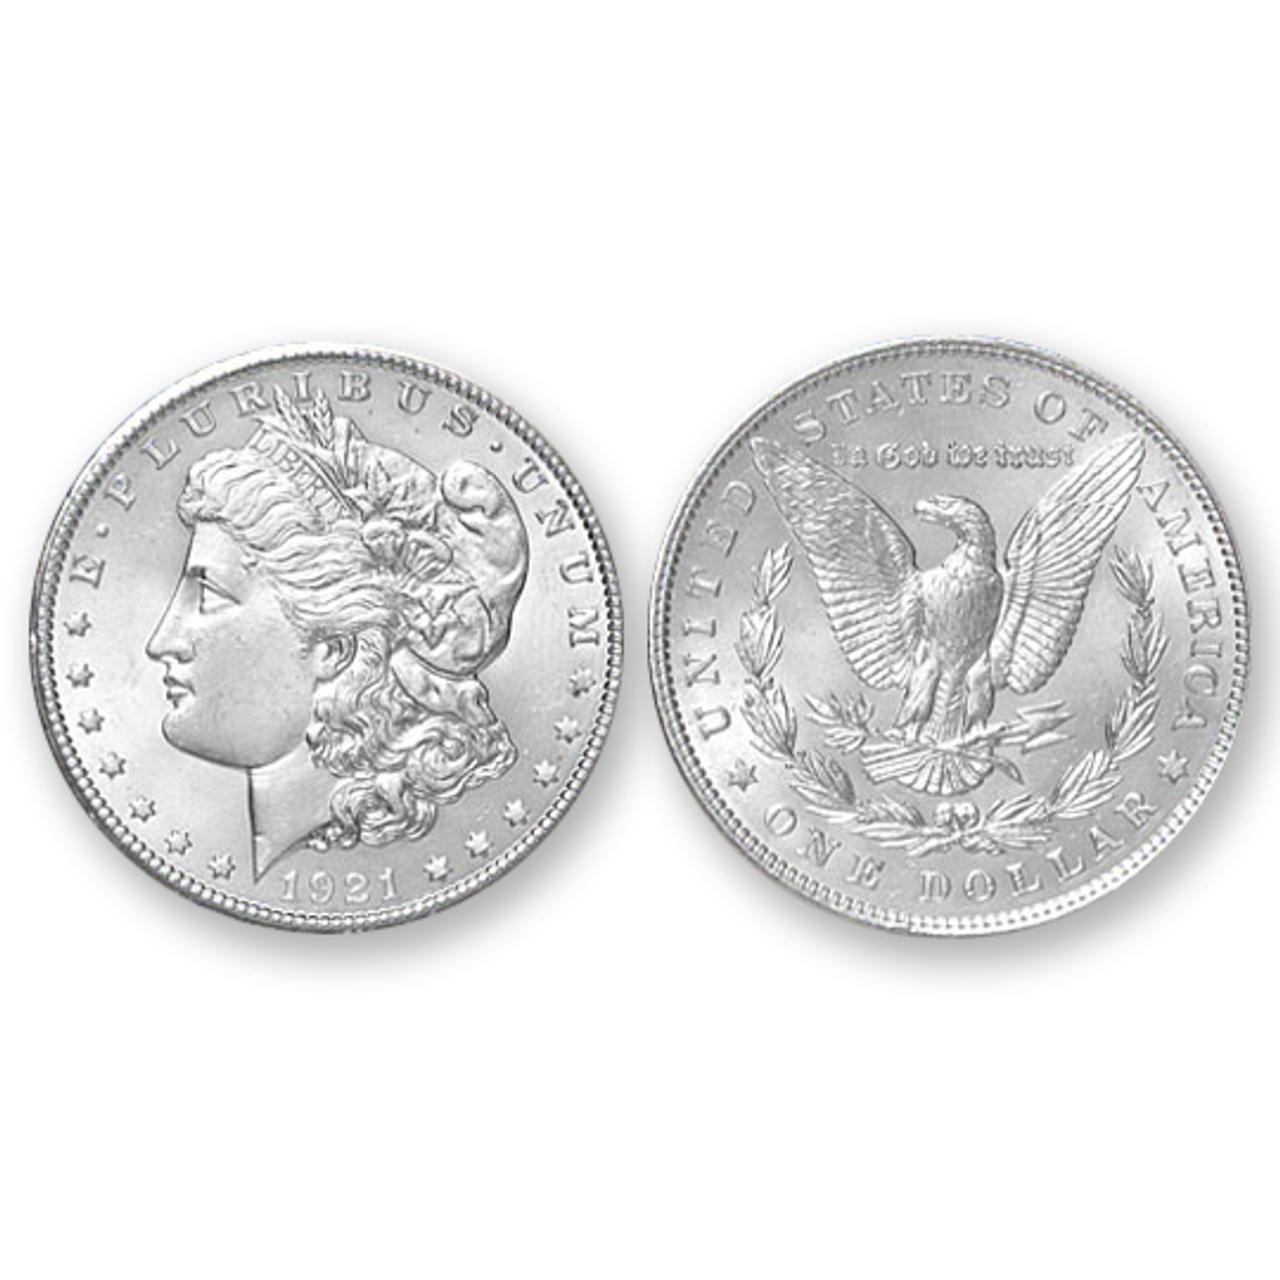 1921-P Morgan Silver Dollar - Brilliant Uncirculated Condition